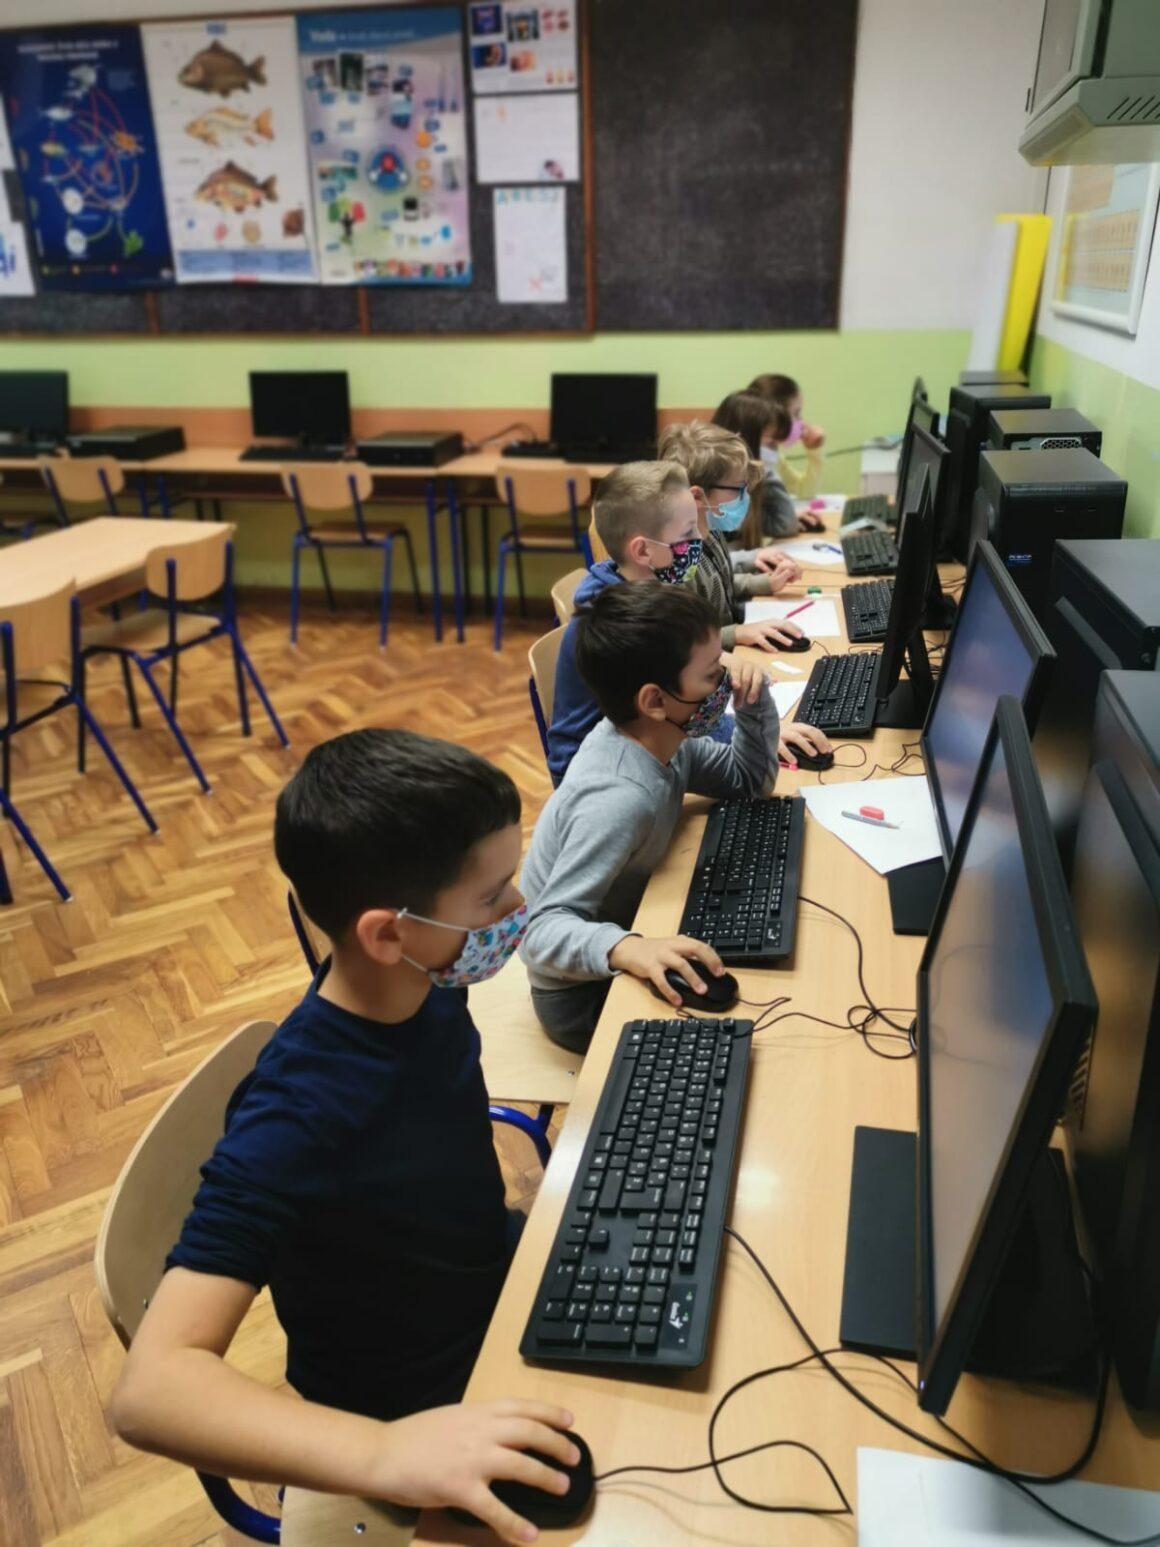 Natjecanje iz Informatike i računalnog razmišljanja DABAR 2020.